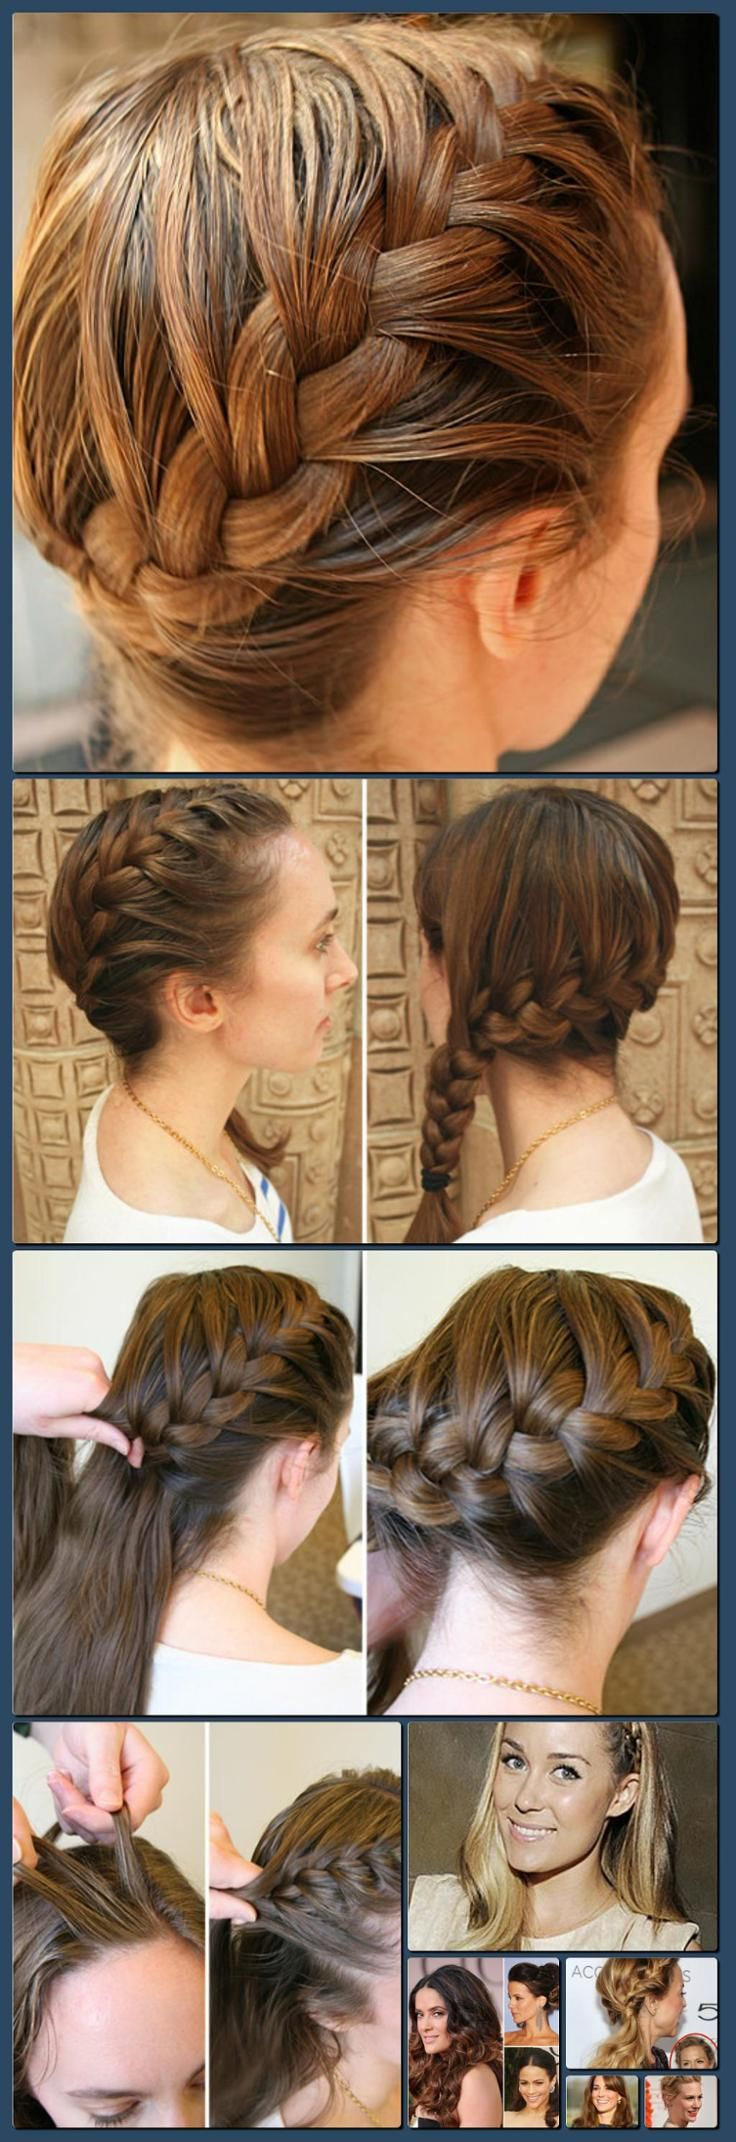 The 25+ best Katniss everdeen braid ideas on Pinterest ...